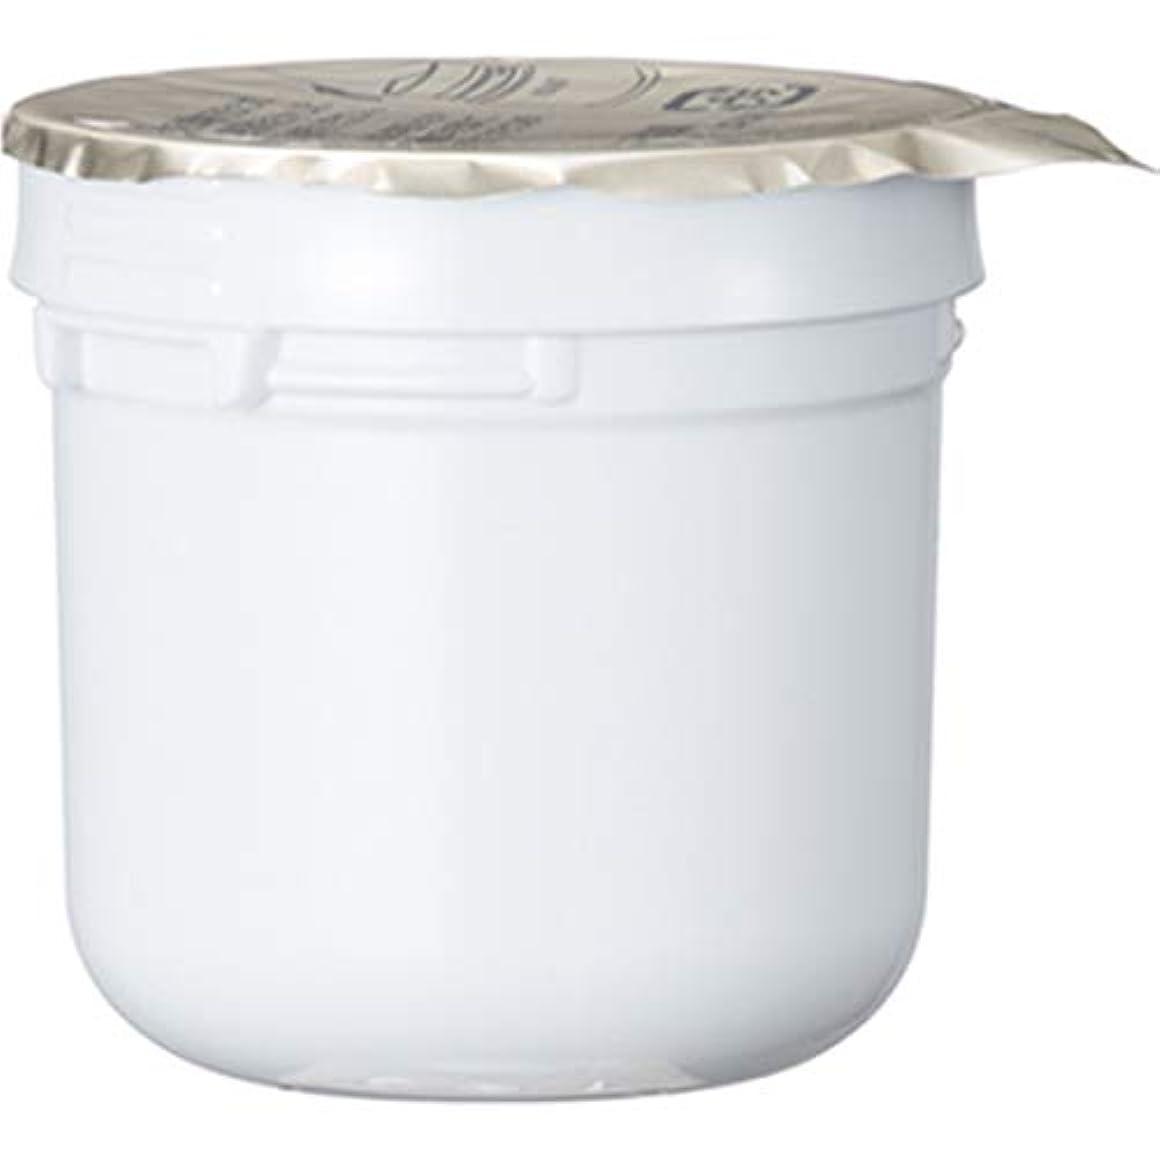 テンション言い直す端末ASTALIFT(アスタリフト) ホワイト クリーム(美白クリーム)レフィル 30g [並行輸入品]